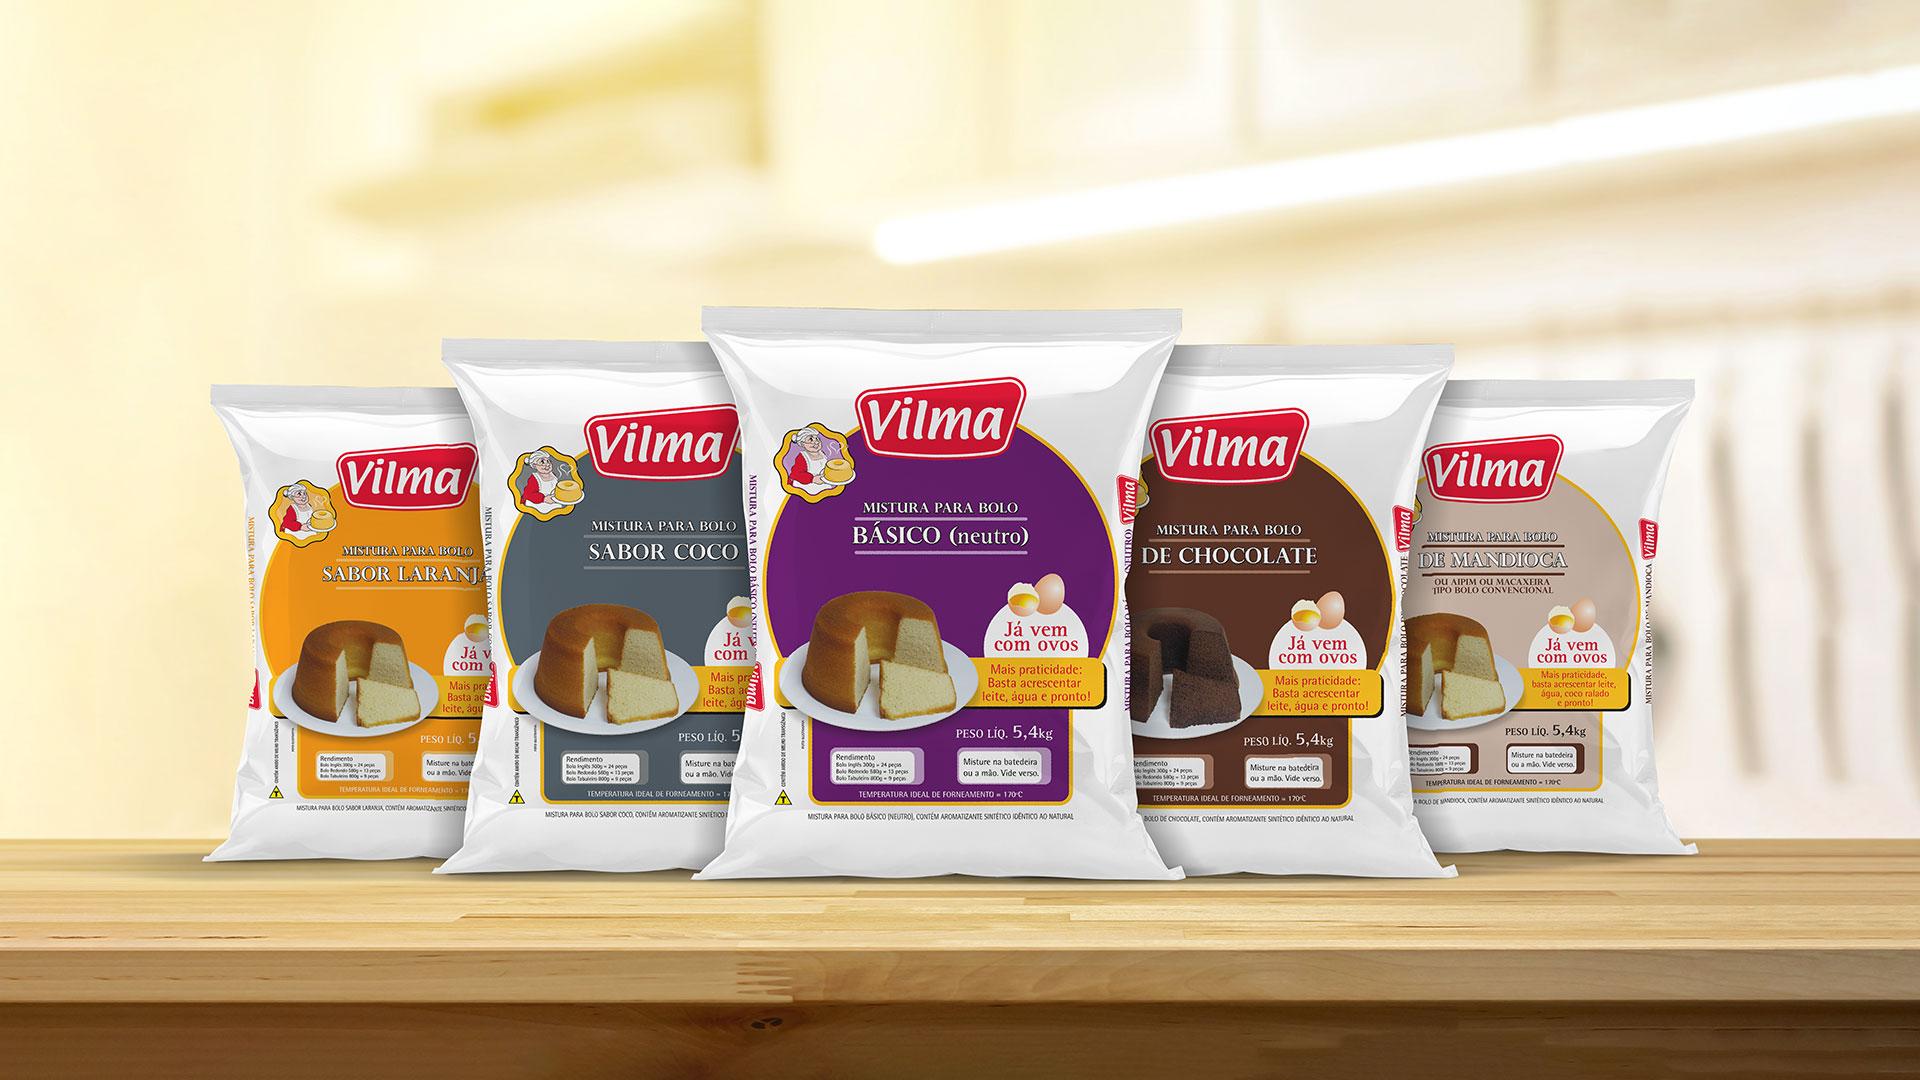 Vilma Alimentos lança mistura para bolo com ovos para o Food Service